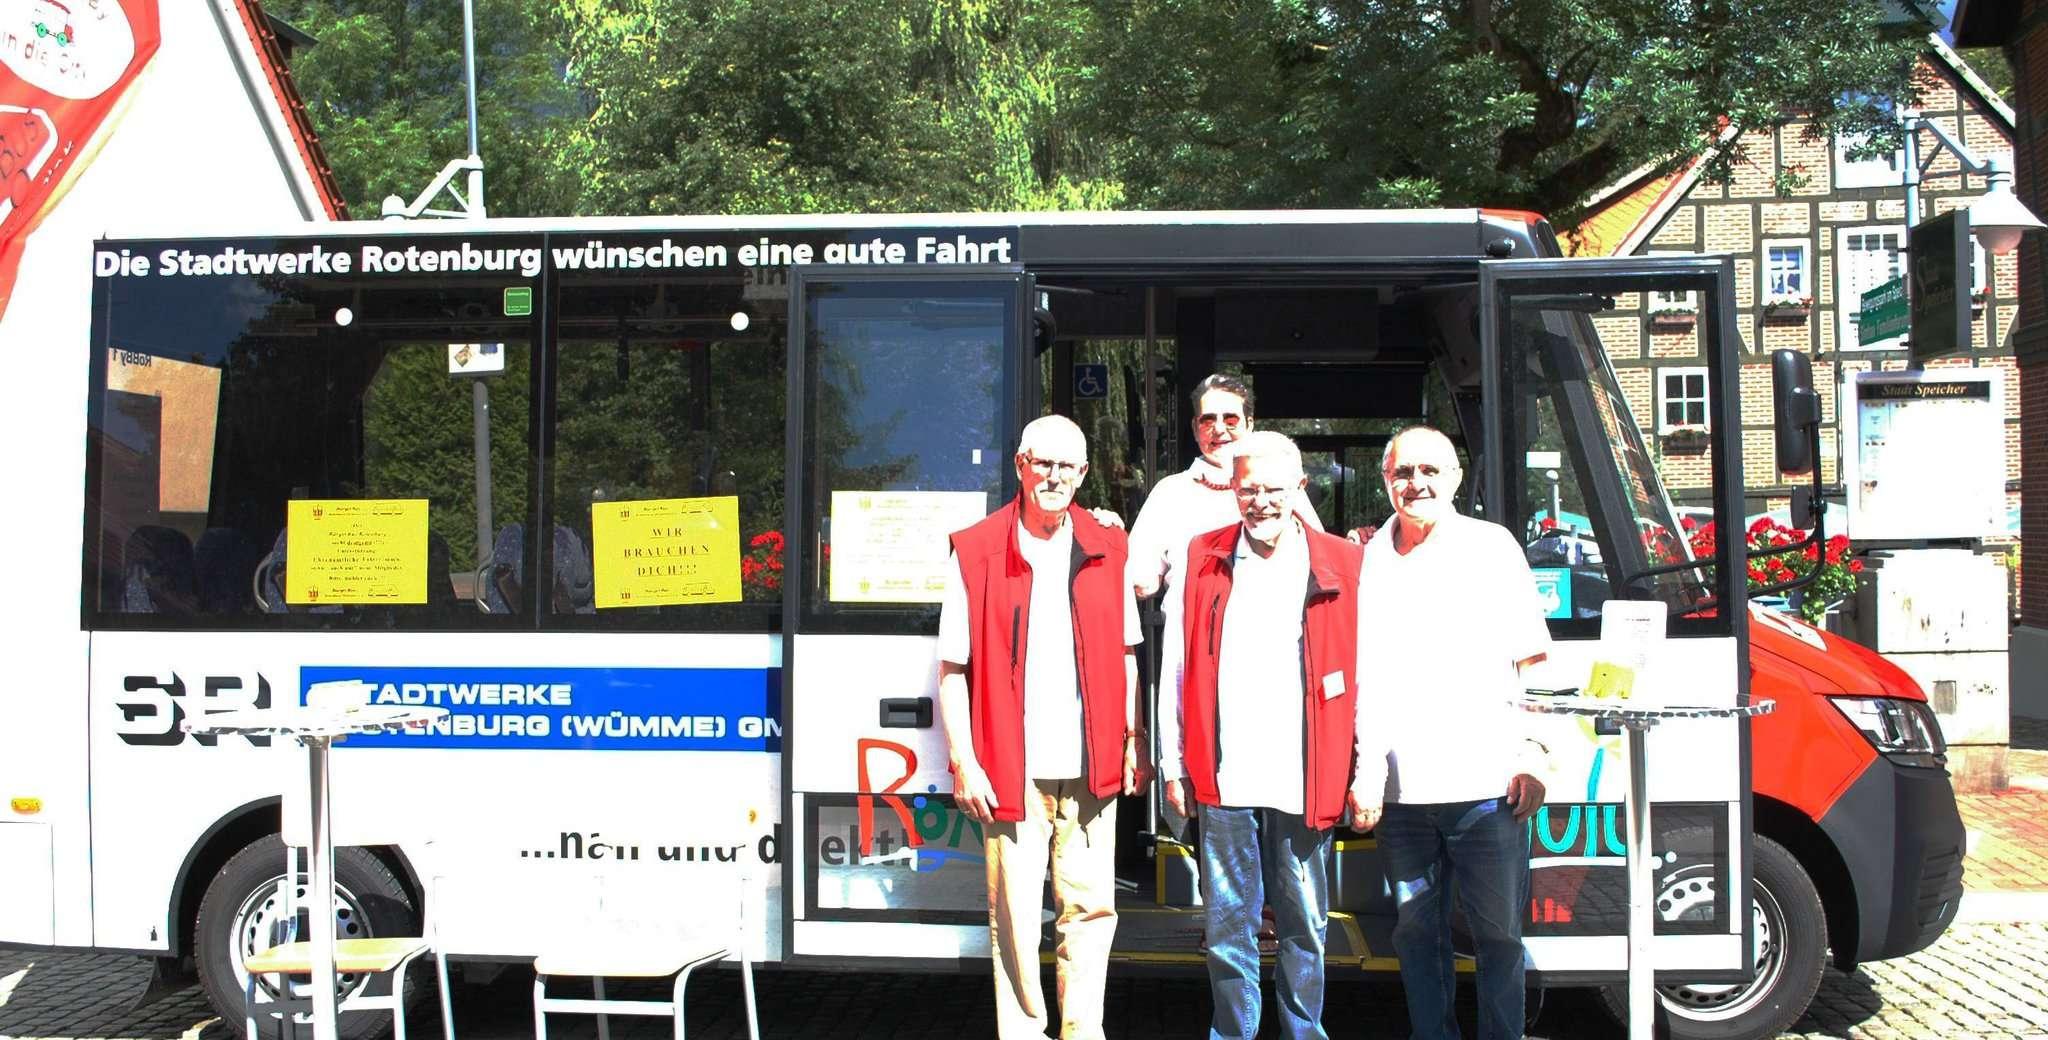 Gebhardt Cordes (von links), Sabine Vahldieck, Erwin Mengel und Rainer Sehling vom Bürgerbus Rotenburg präsentieren das neue Fahrzeug.